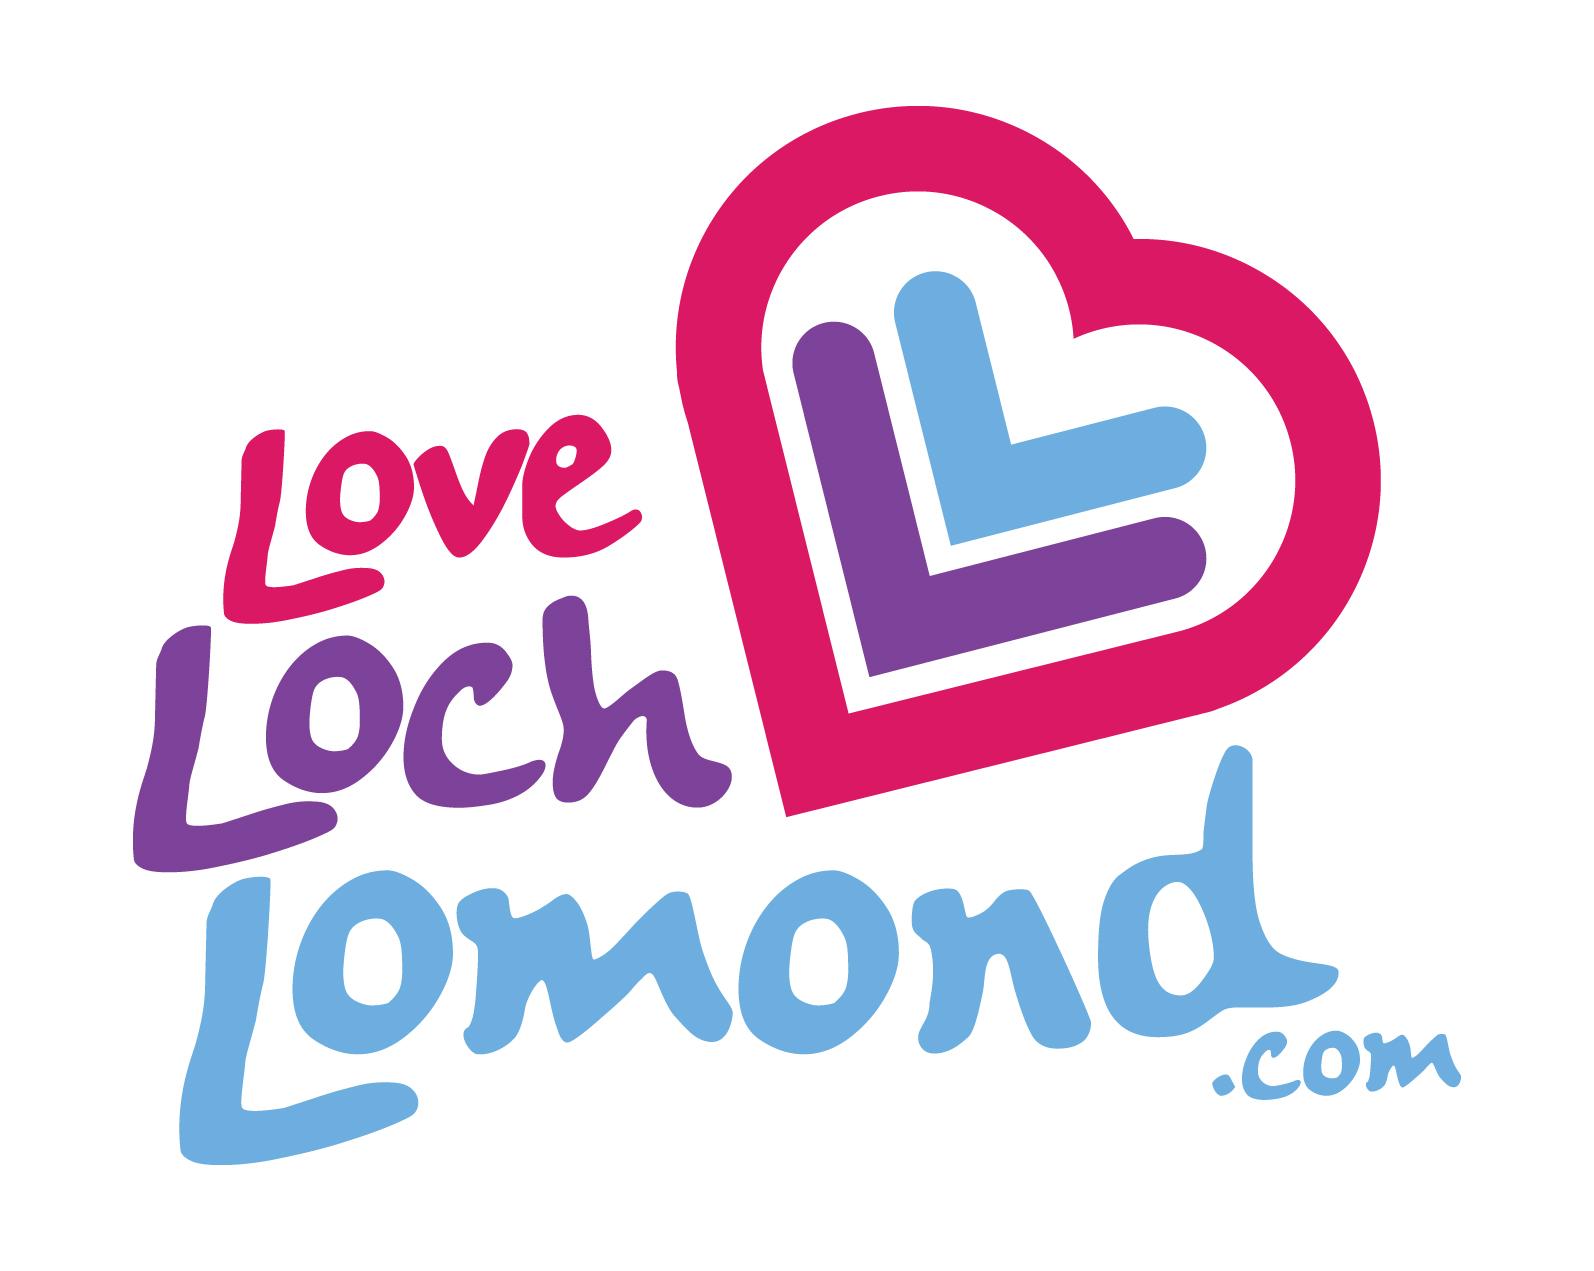 Karen Donnelly - Destination Manager of Love Loch Lomond